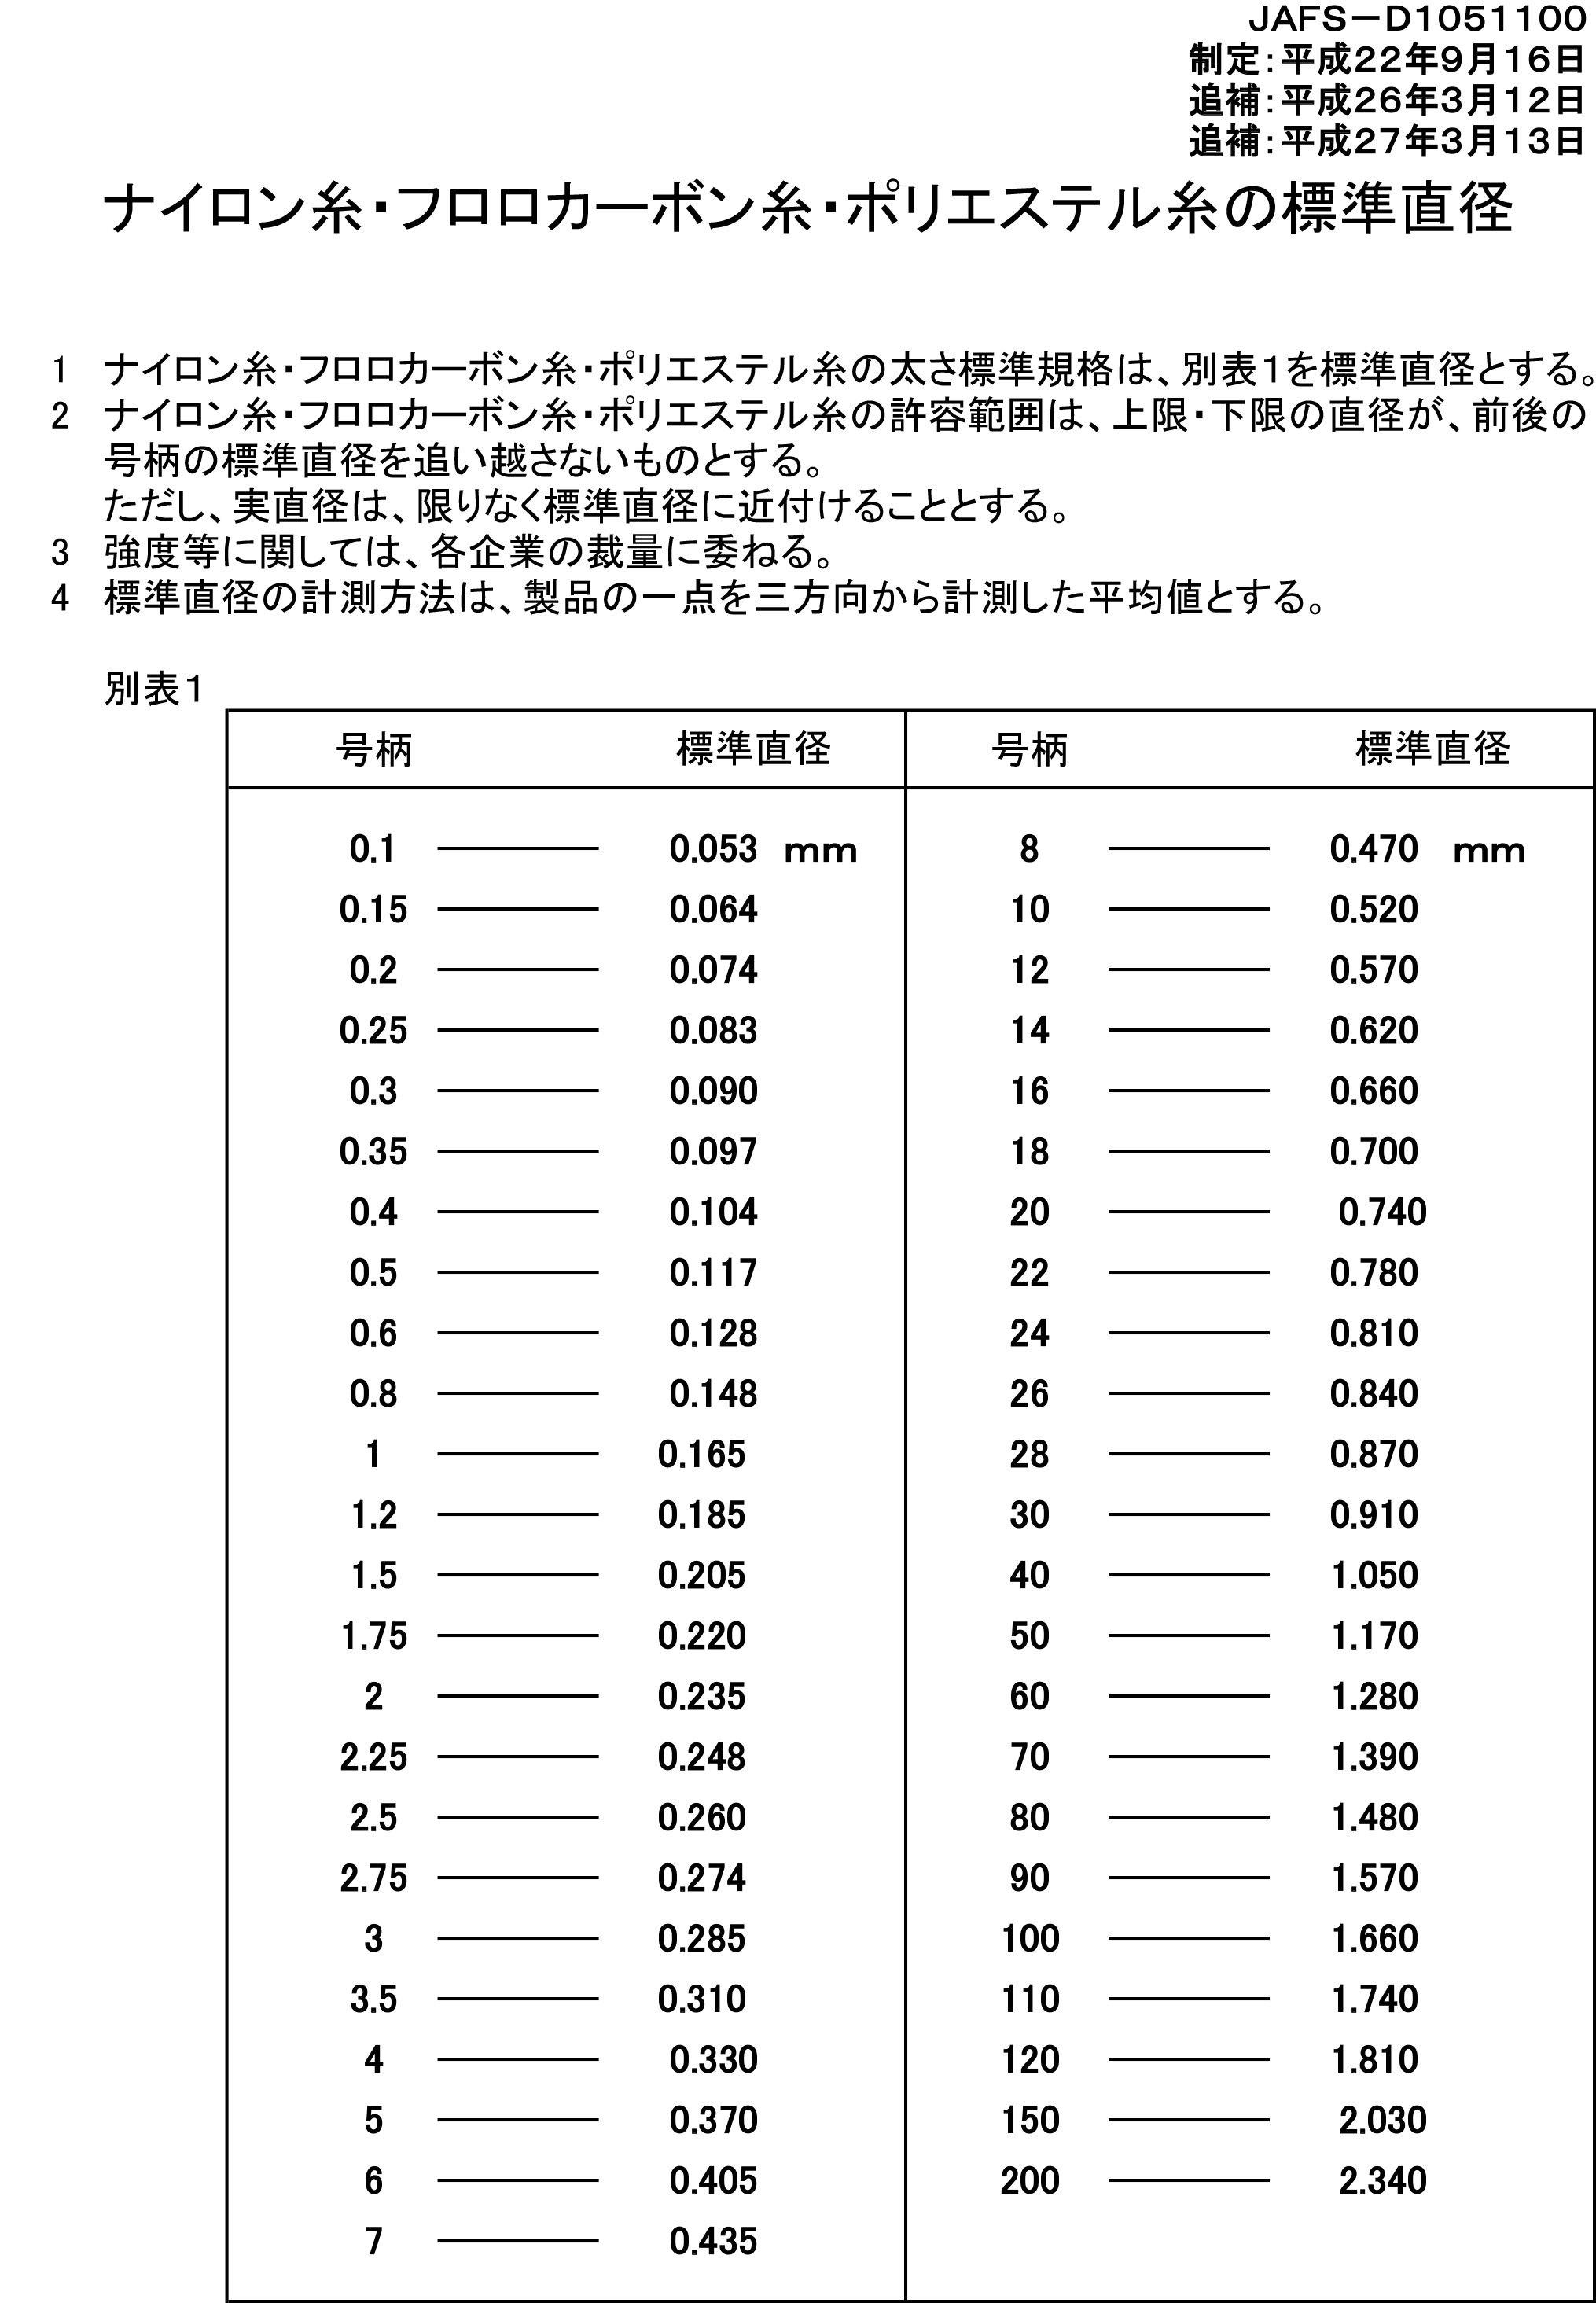 日本釣り用品工業会ライン規格